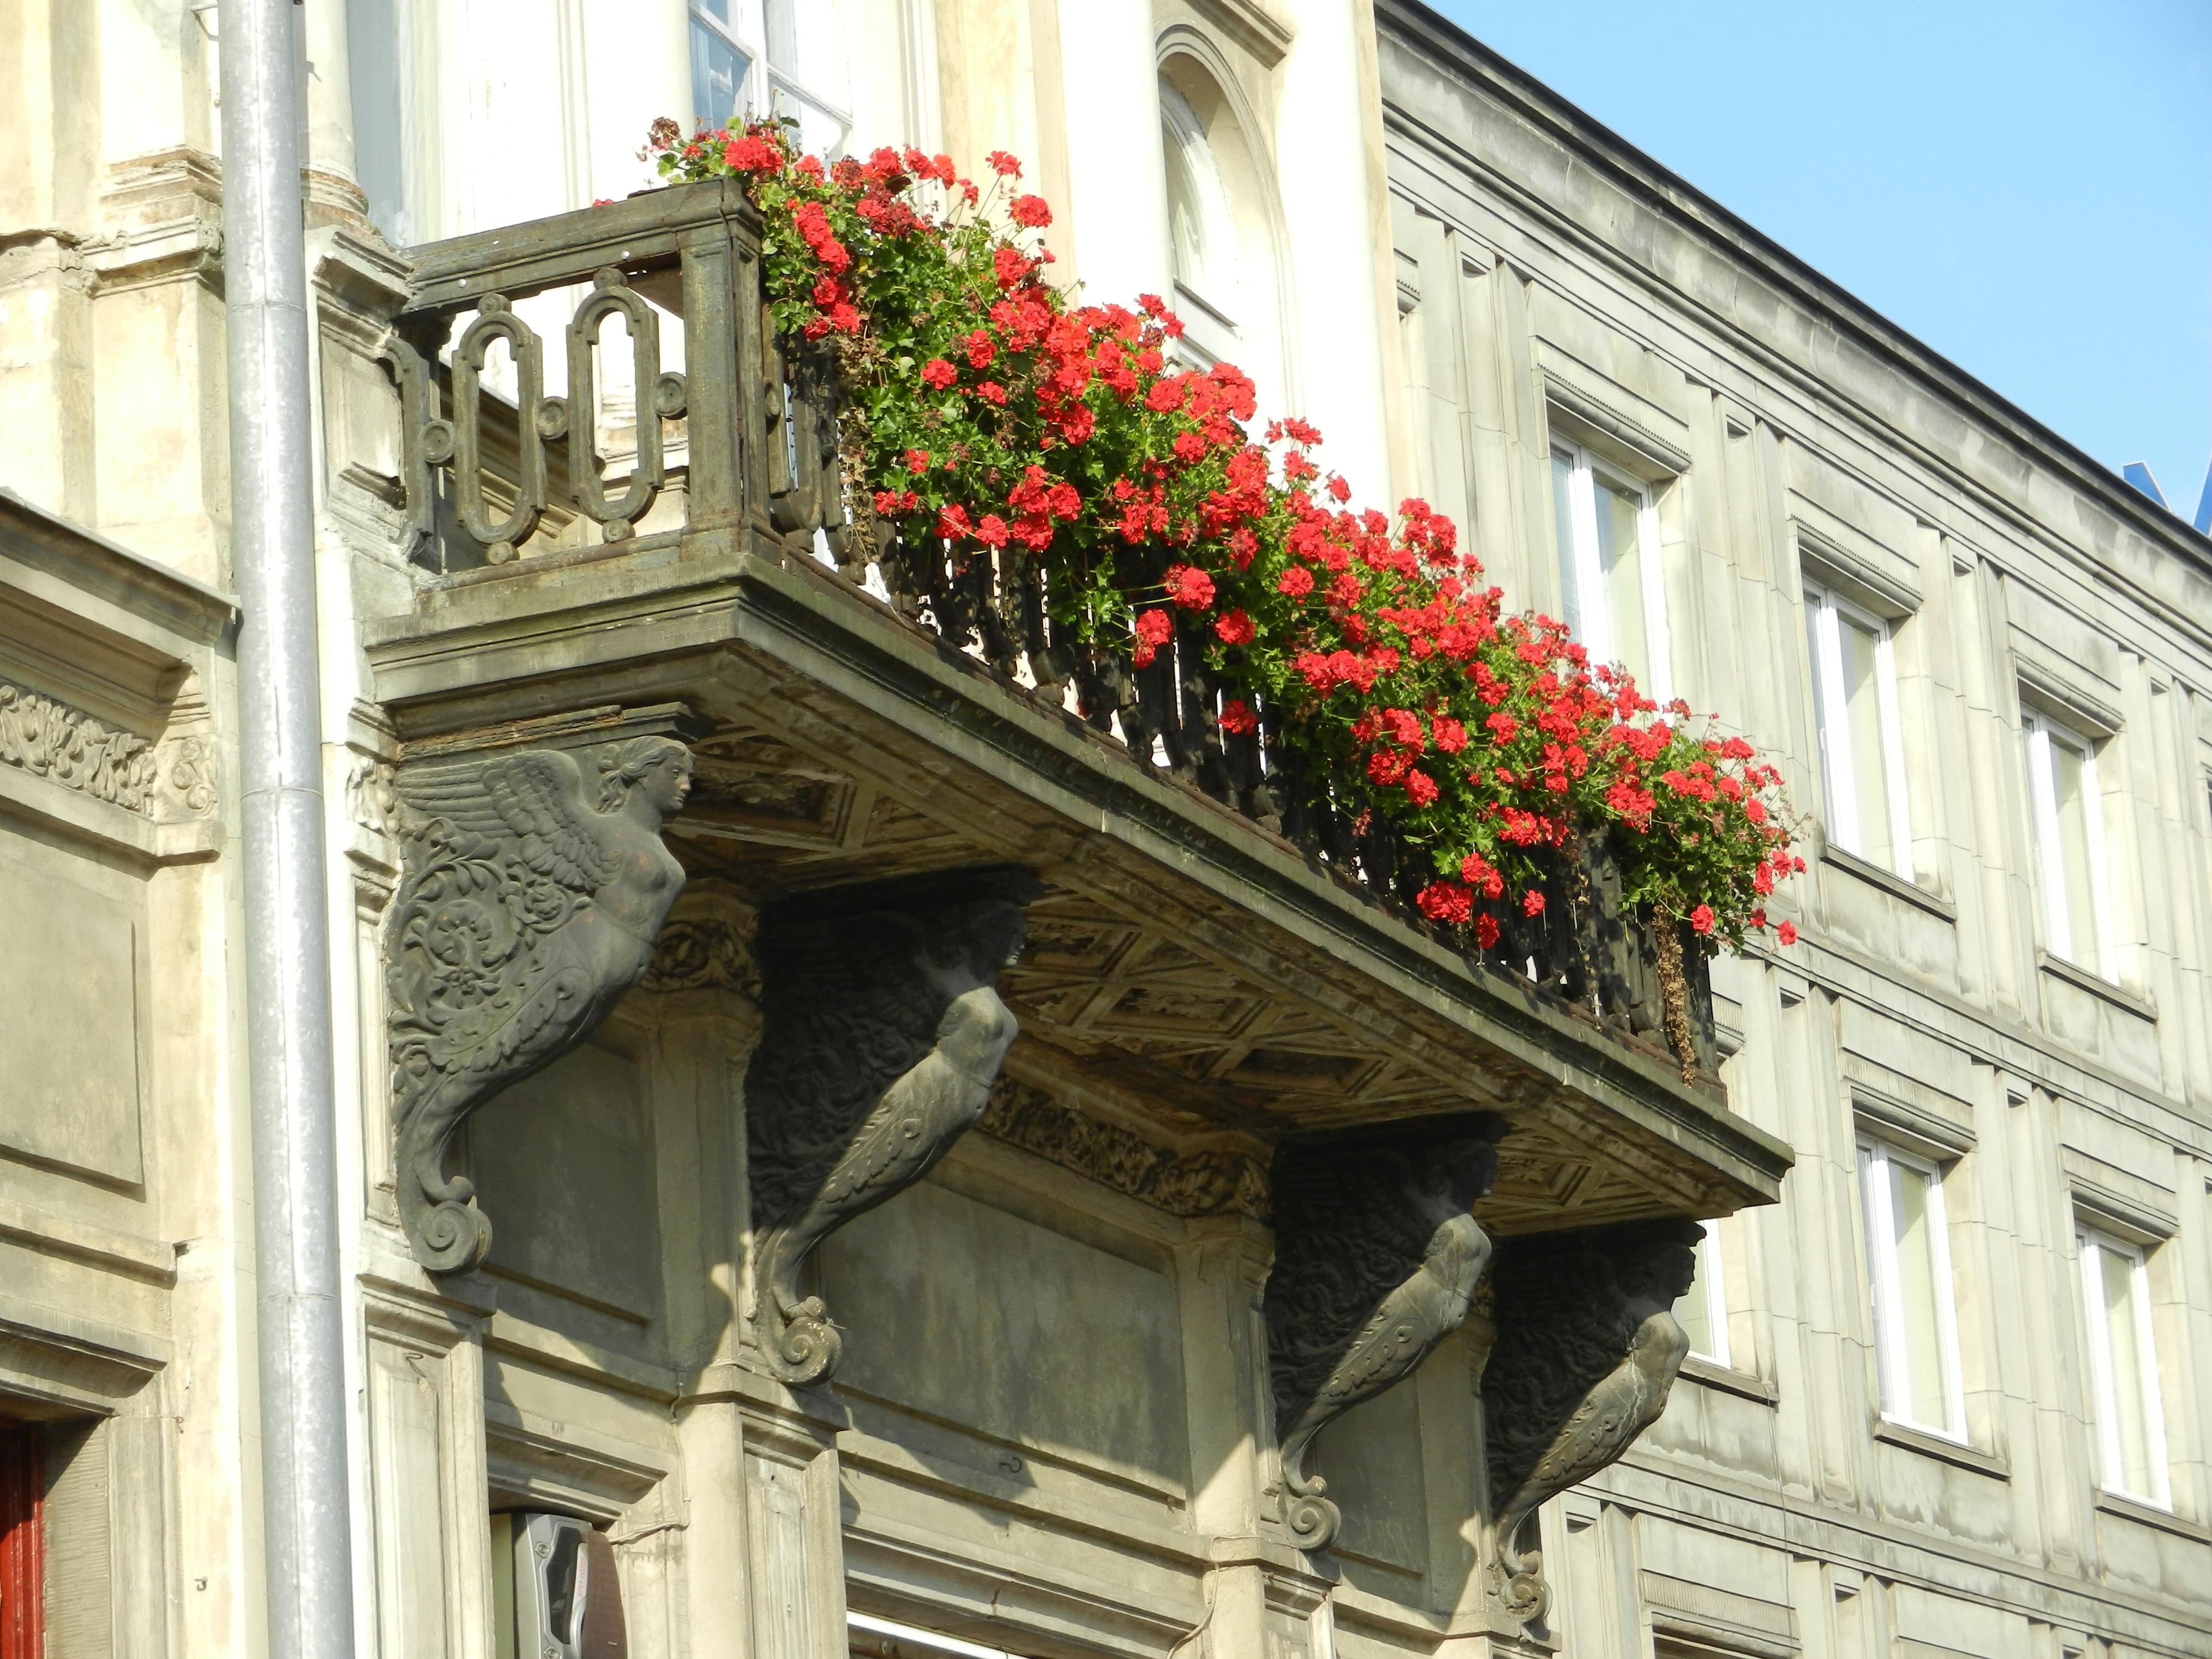 Fotos gratis arquitectura calle casa flor ventana edificio palacio ciudad balc n - Persianas palacio ...